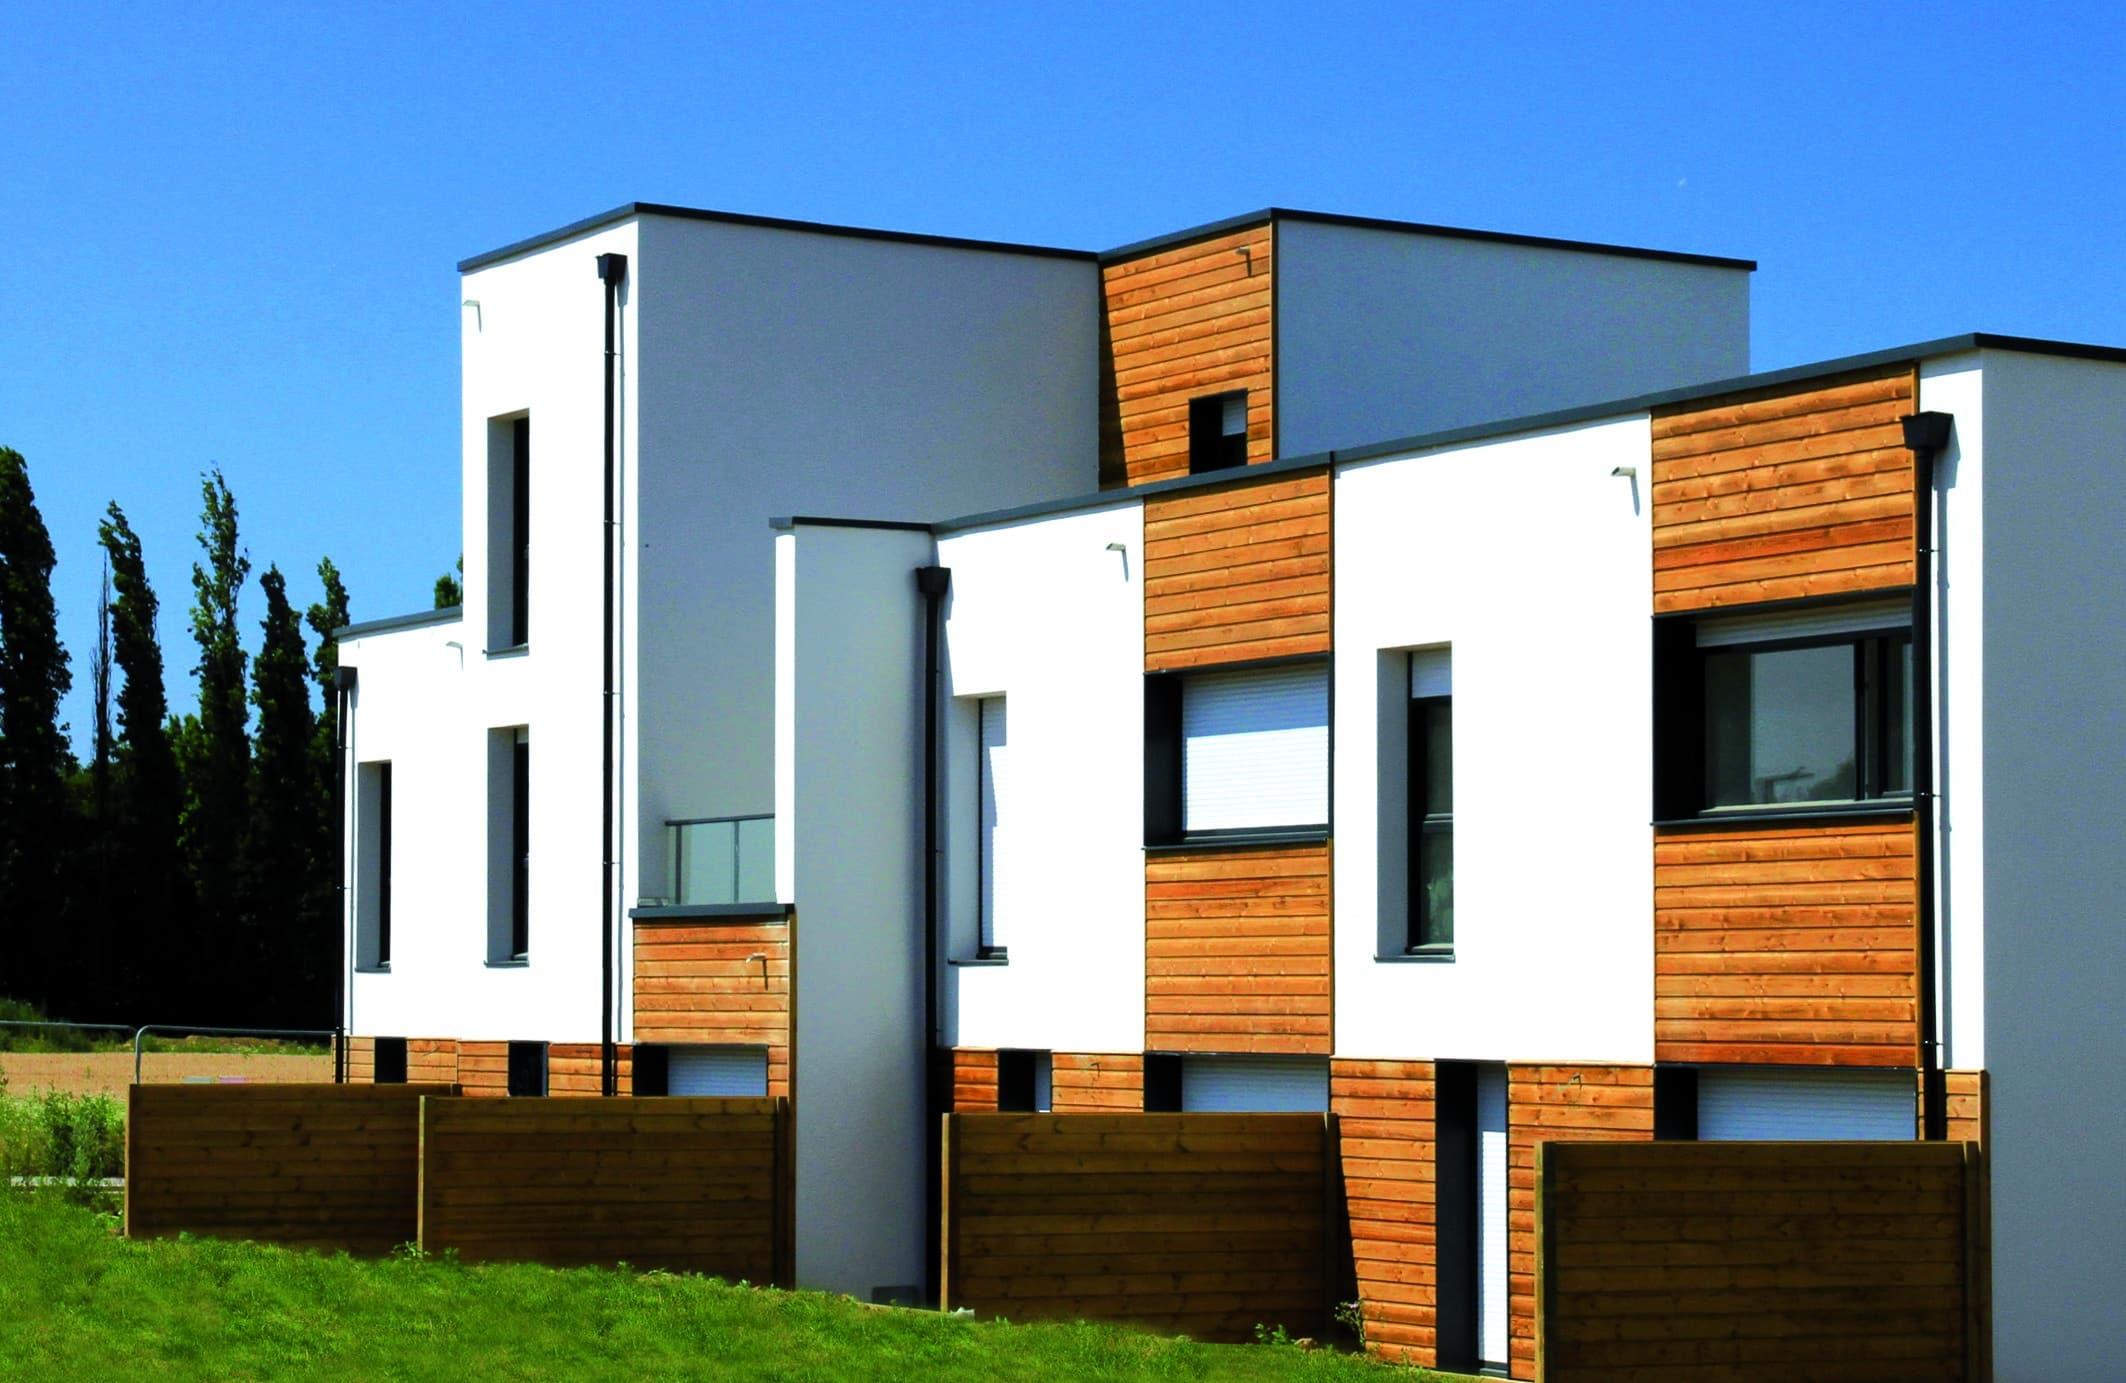 Un weekend en douaisis maison neuve bbc immobilier neuf kic - Maison neuve bbc ...